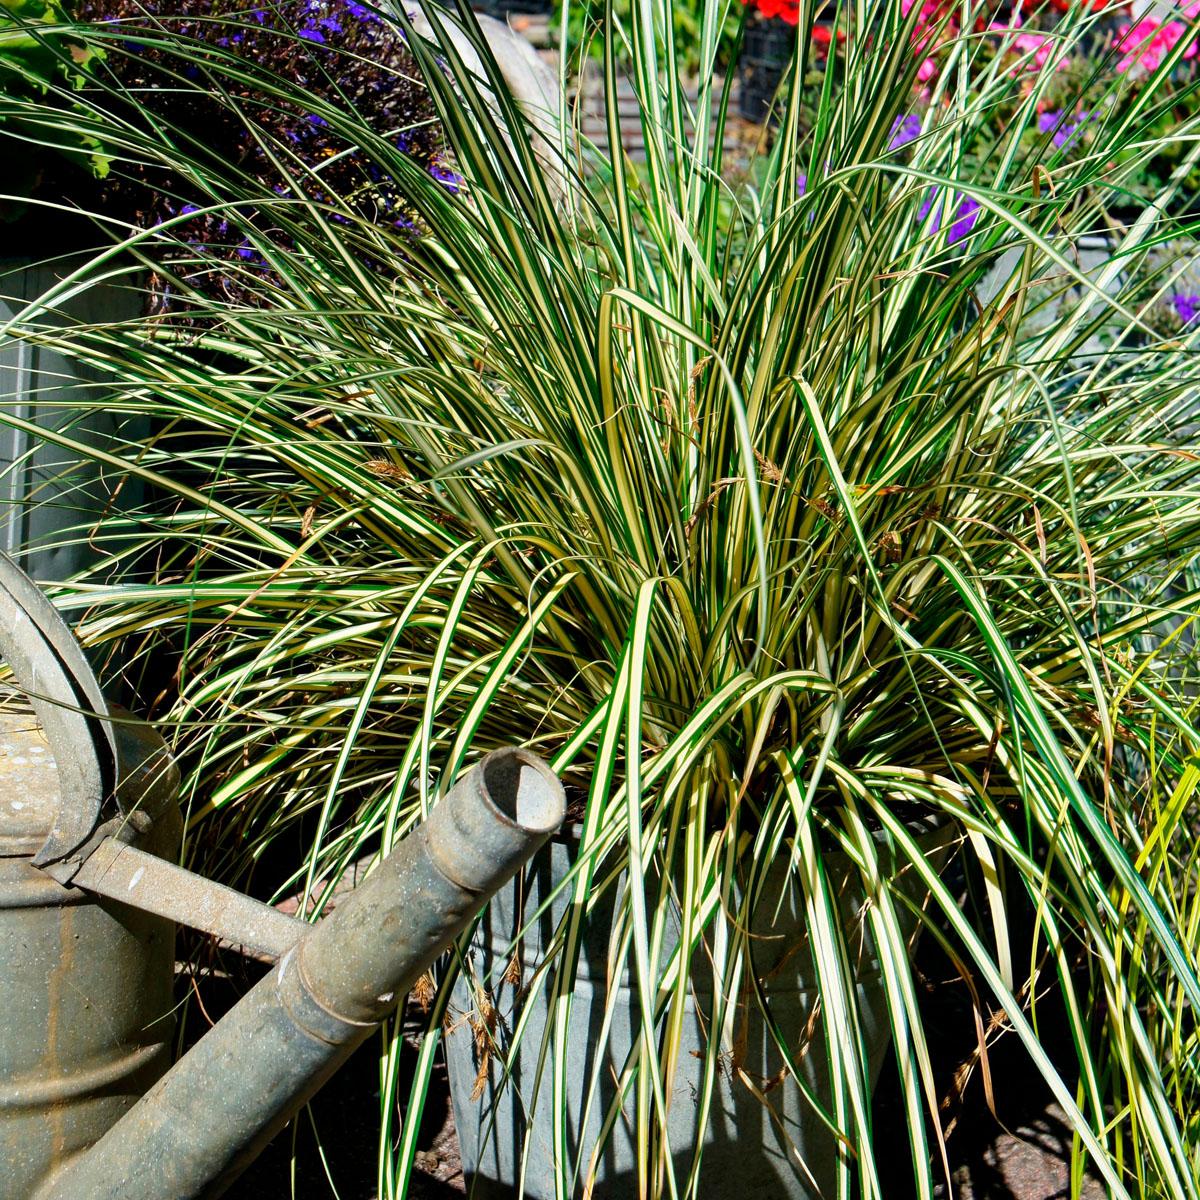 Carex - oshimensis - Everoro - cov